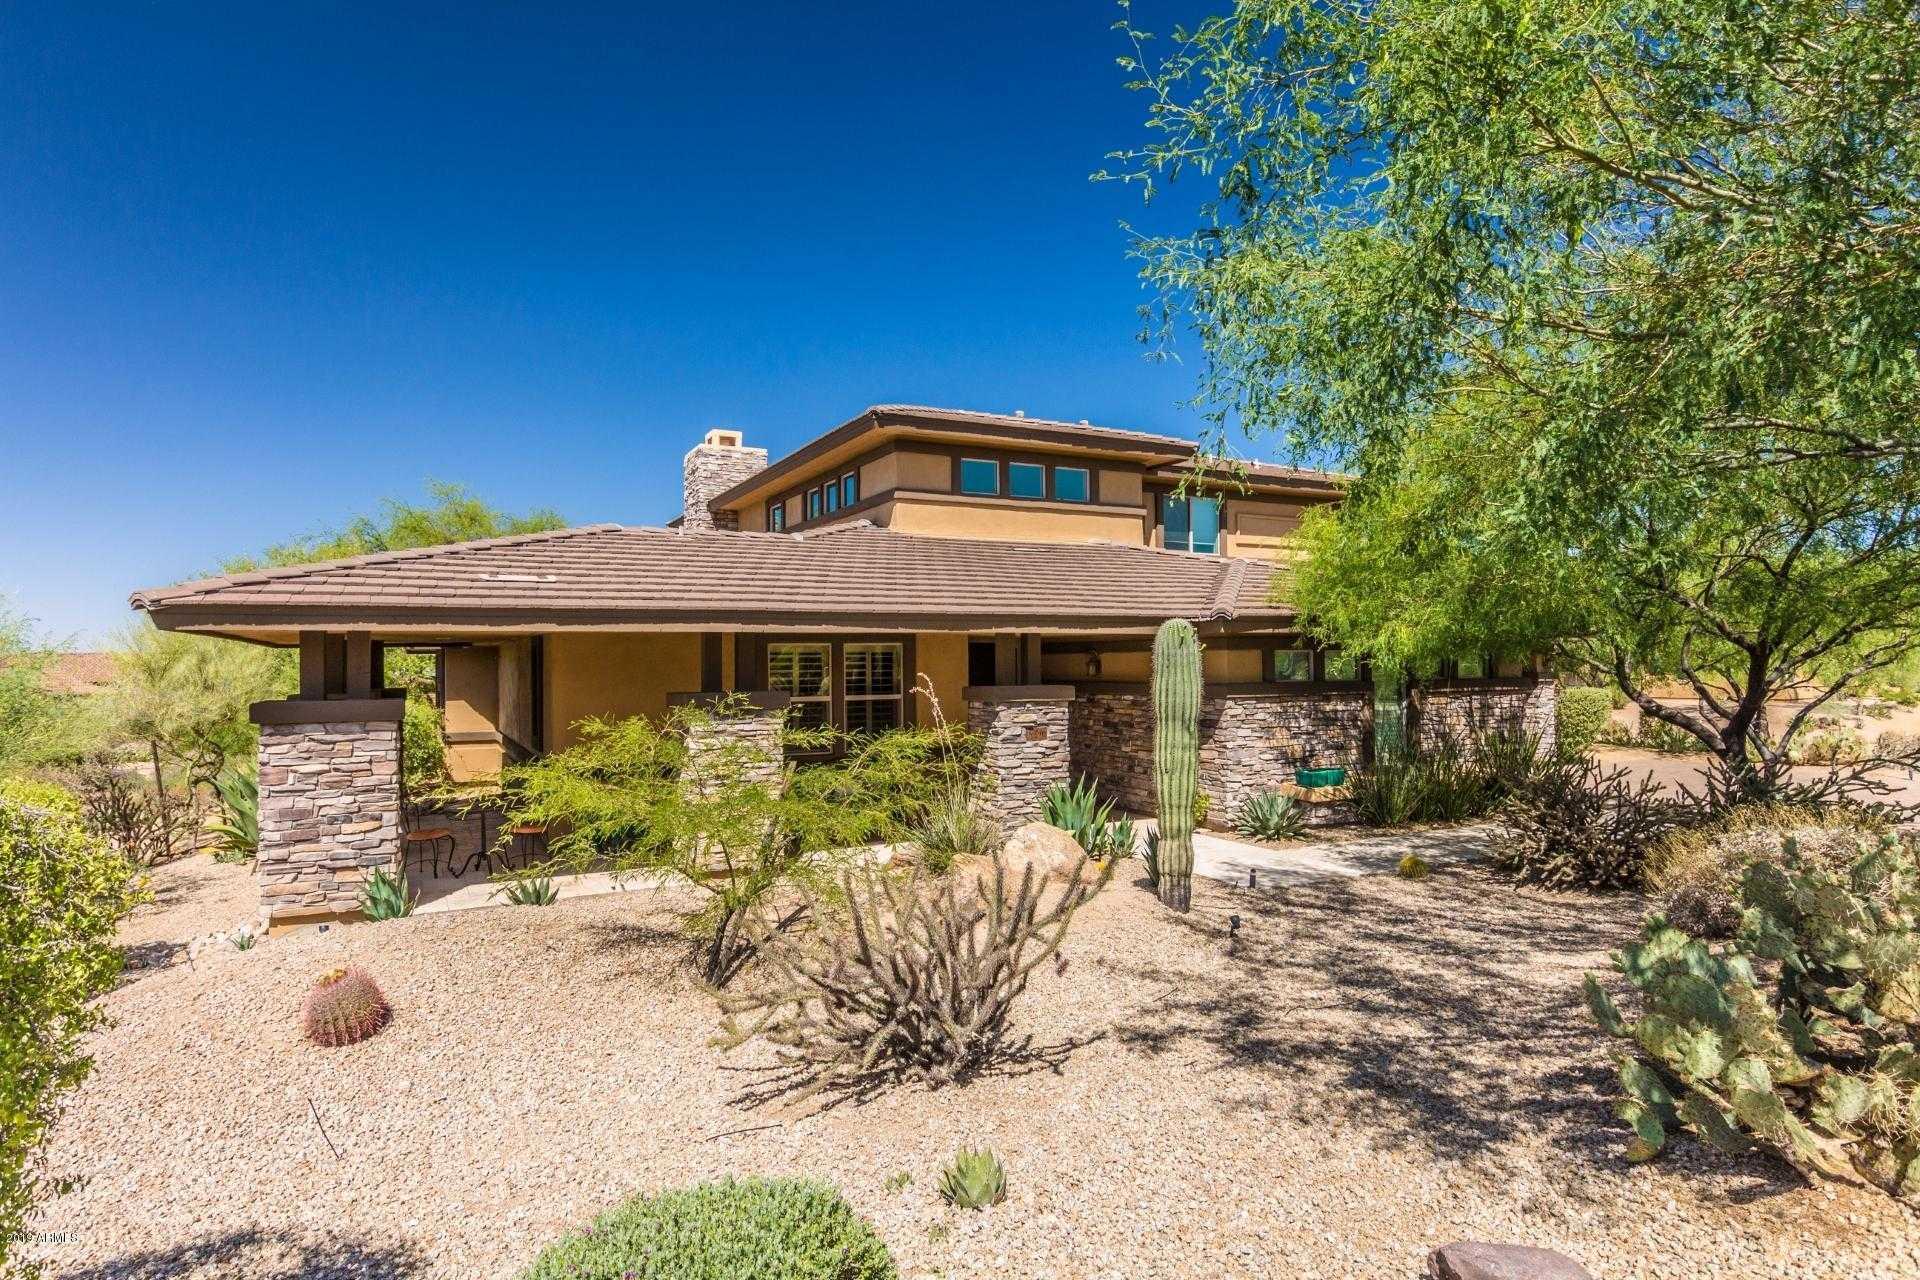 $850,000 - 5Br/5Ba - Home for Sale in Mirabel Village 15, Scottsdale